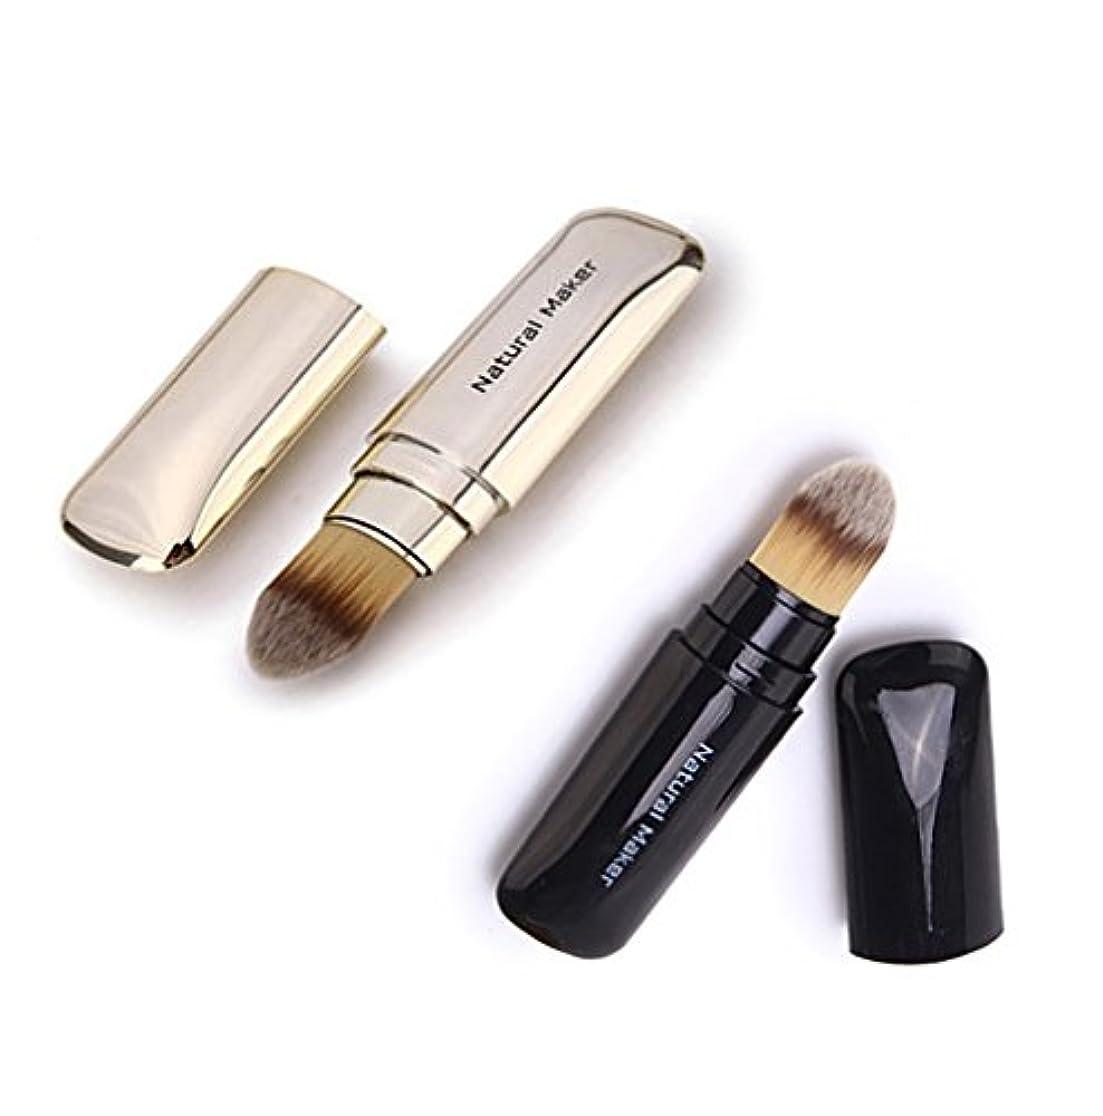 ファンデーションブラシ 化粧ブラシ メイクアップブラシ 高級繊維毛 極上の肌触り 伸縮式 携帯便利 2本セット